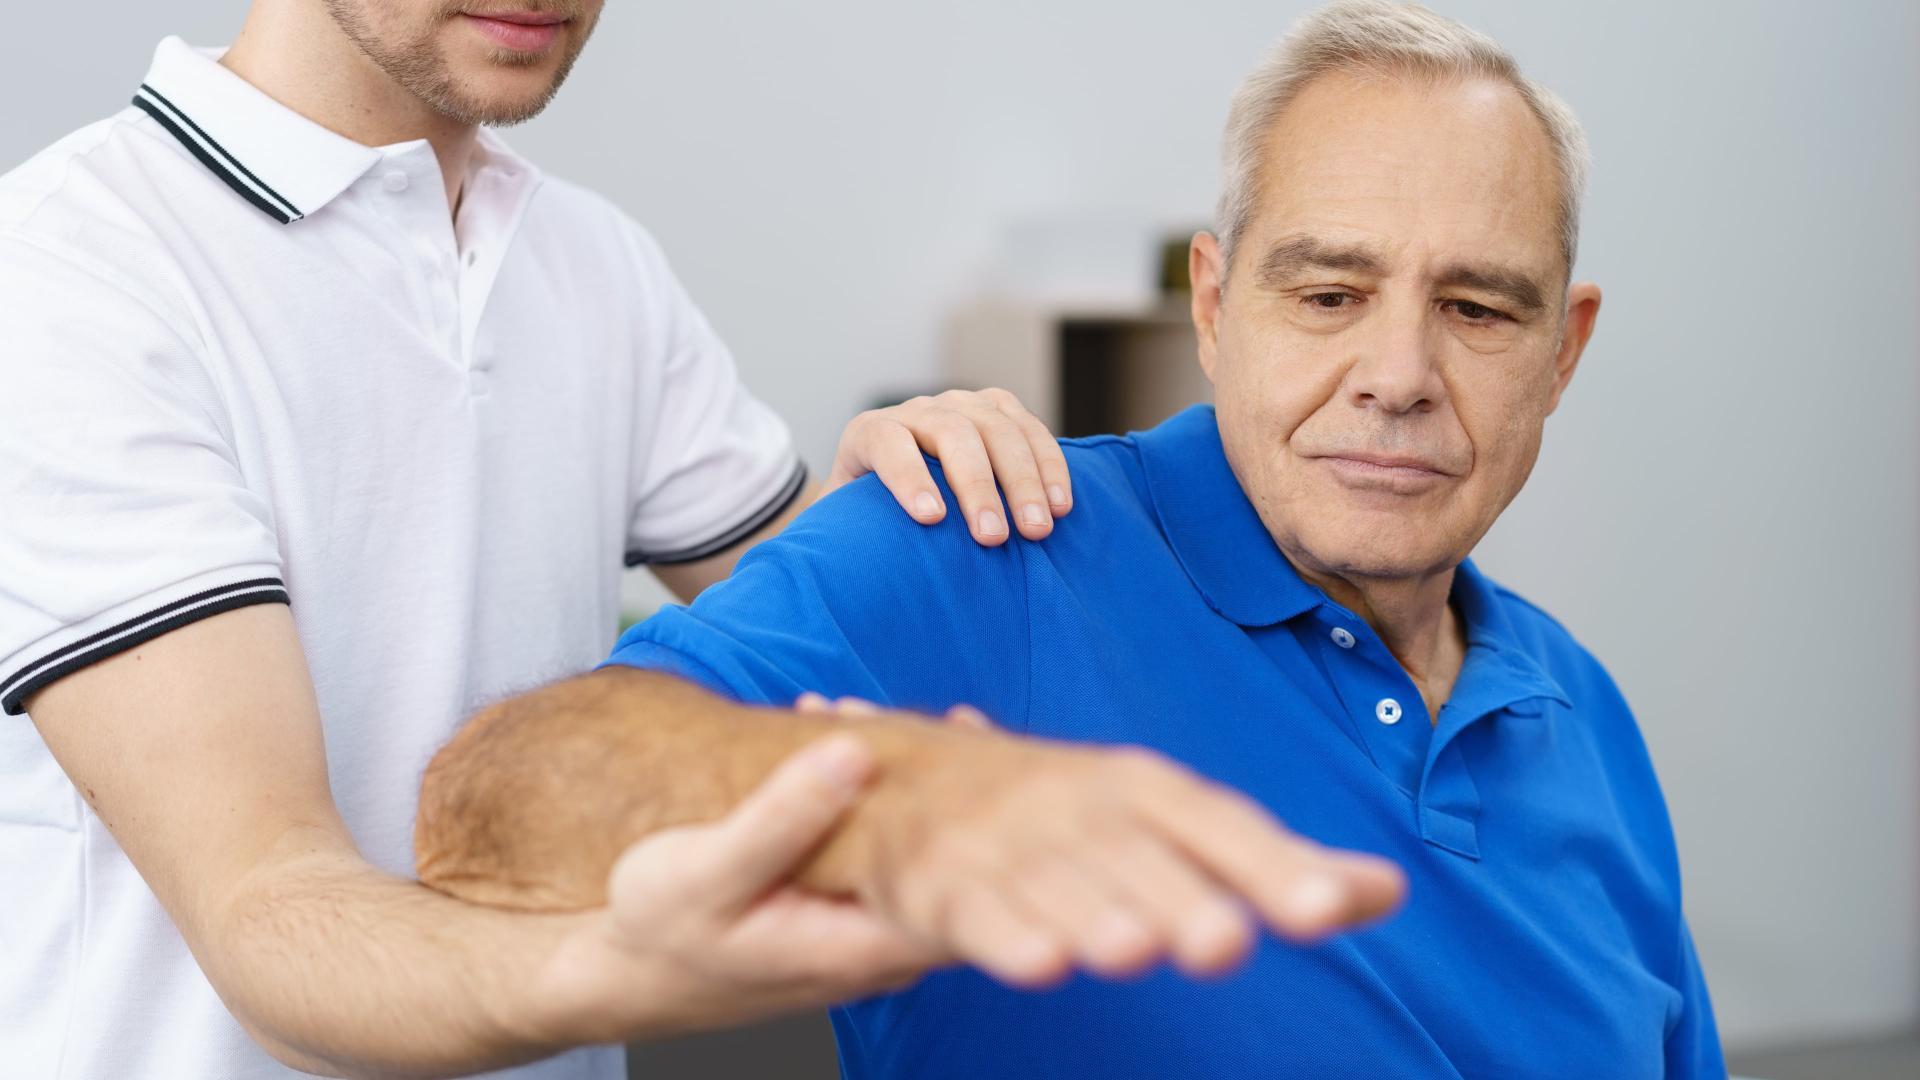 Простуда может запускать болезнь Паркинсона